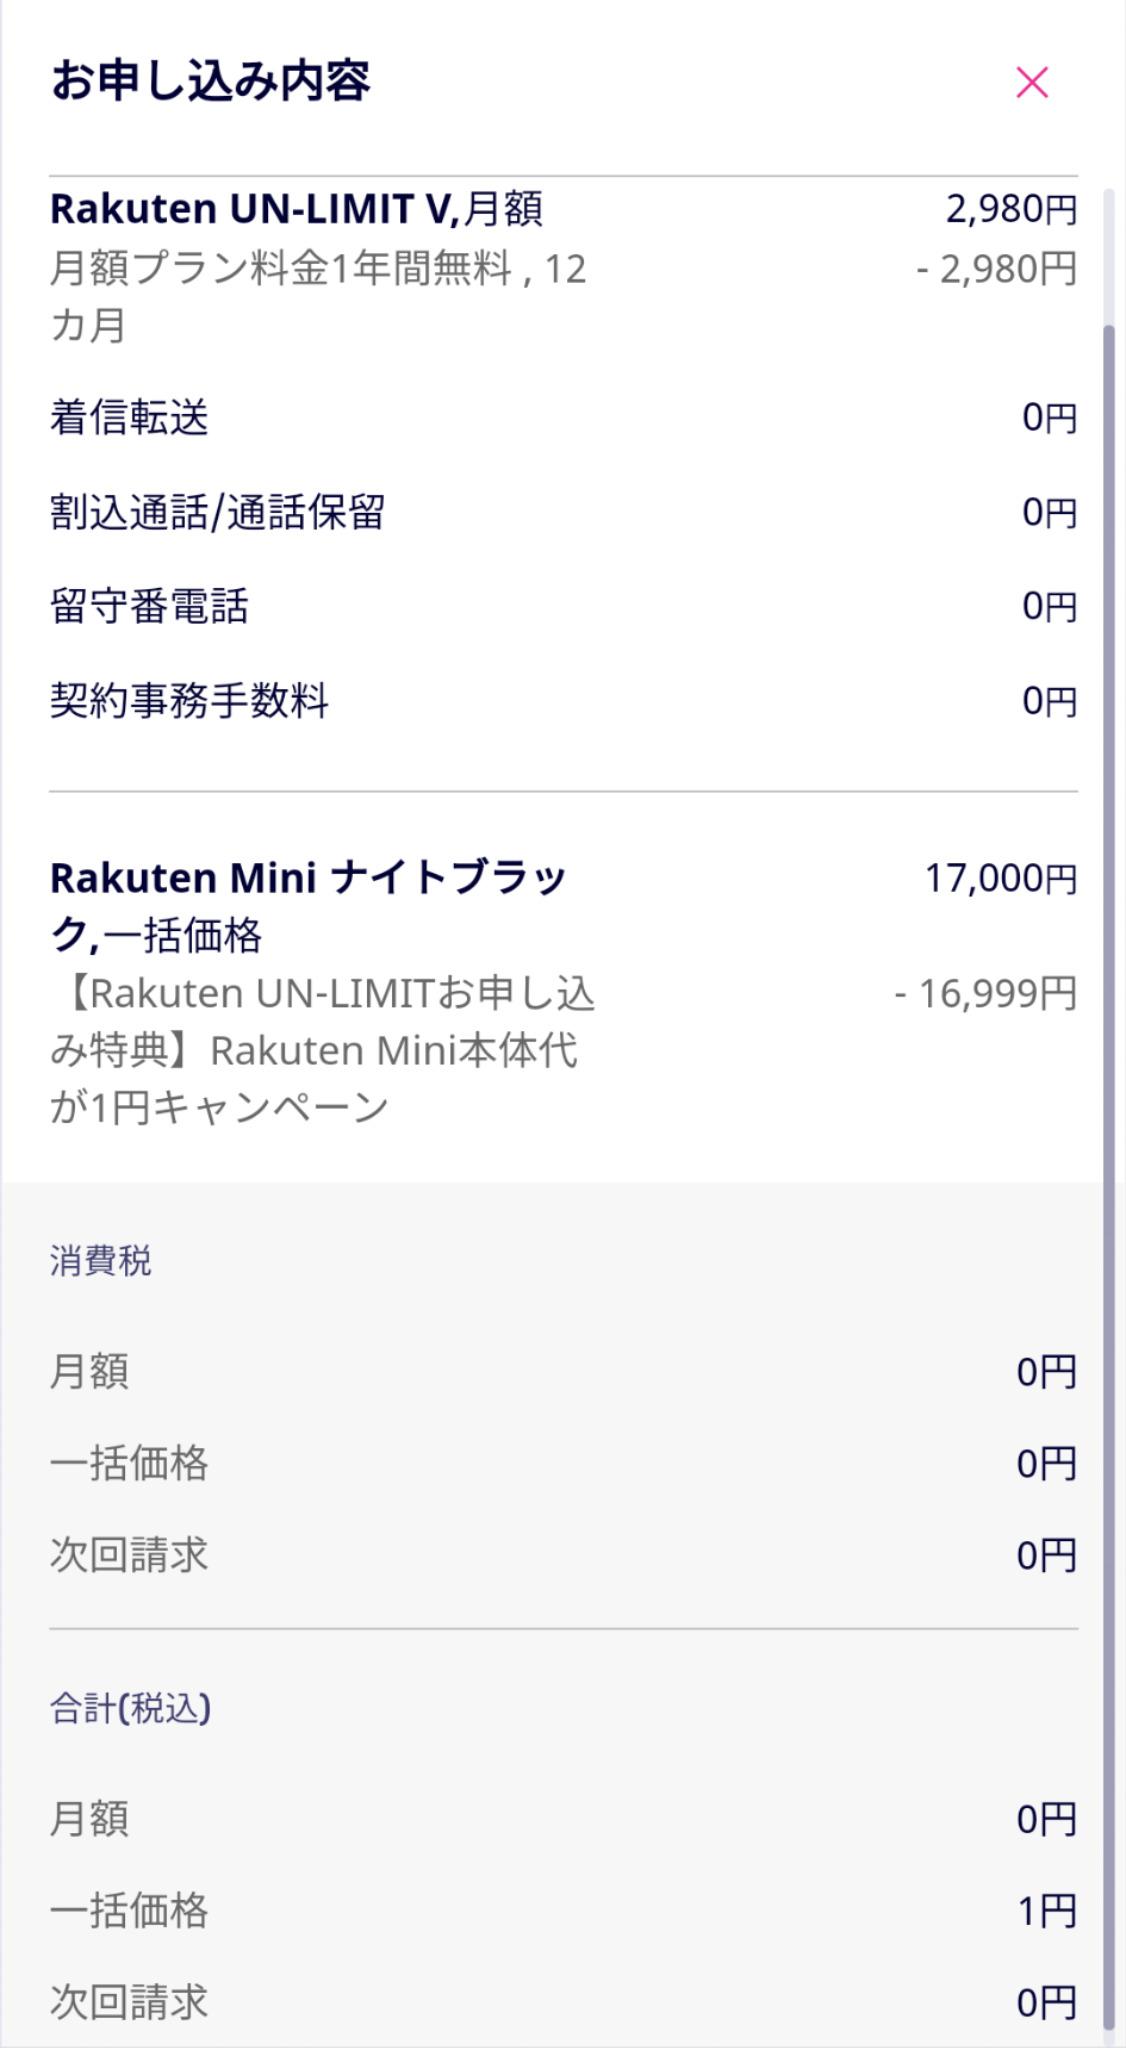 Rakuten Mini本体価格割引